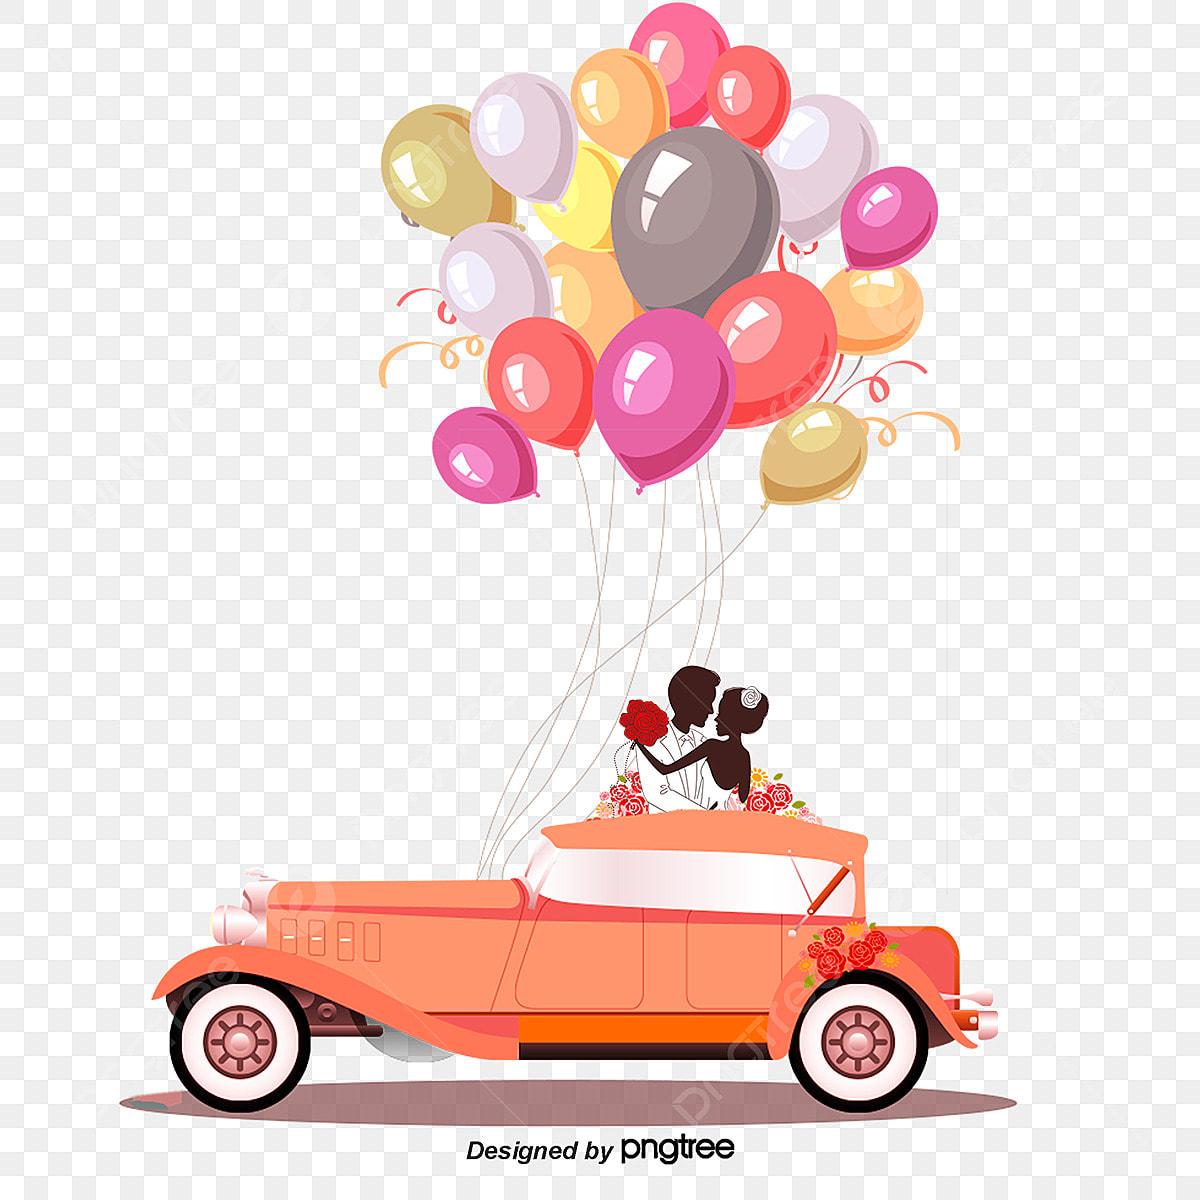 dessin de voiture mariage mariage dessin fichier png et psd pour le t u00e9l u00e9chargement libre